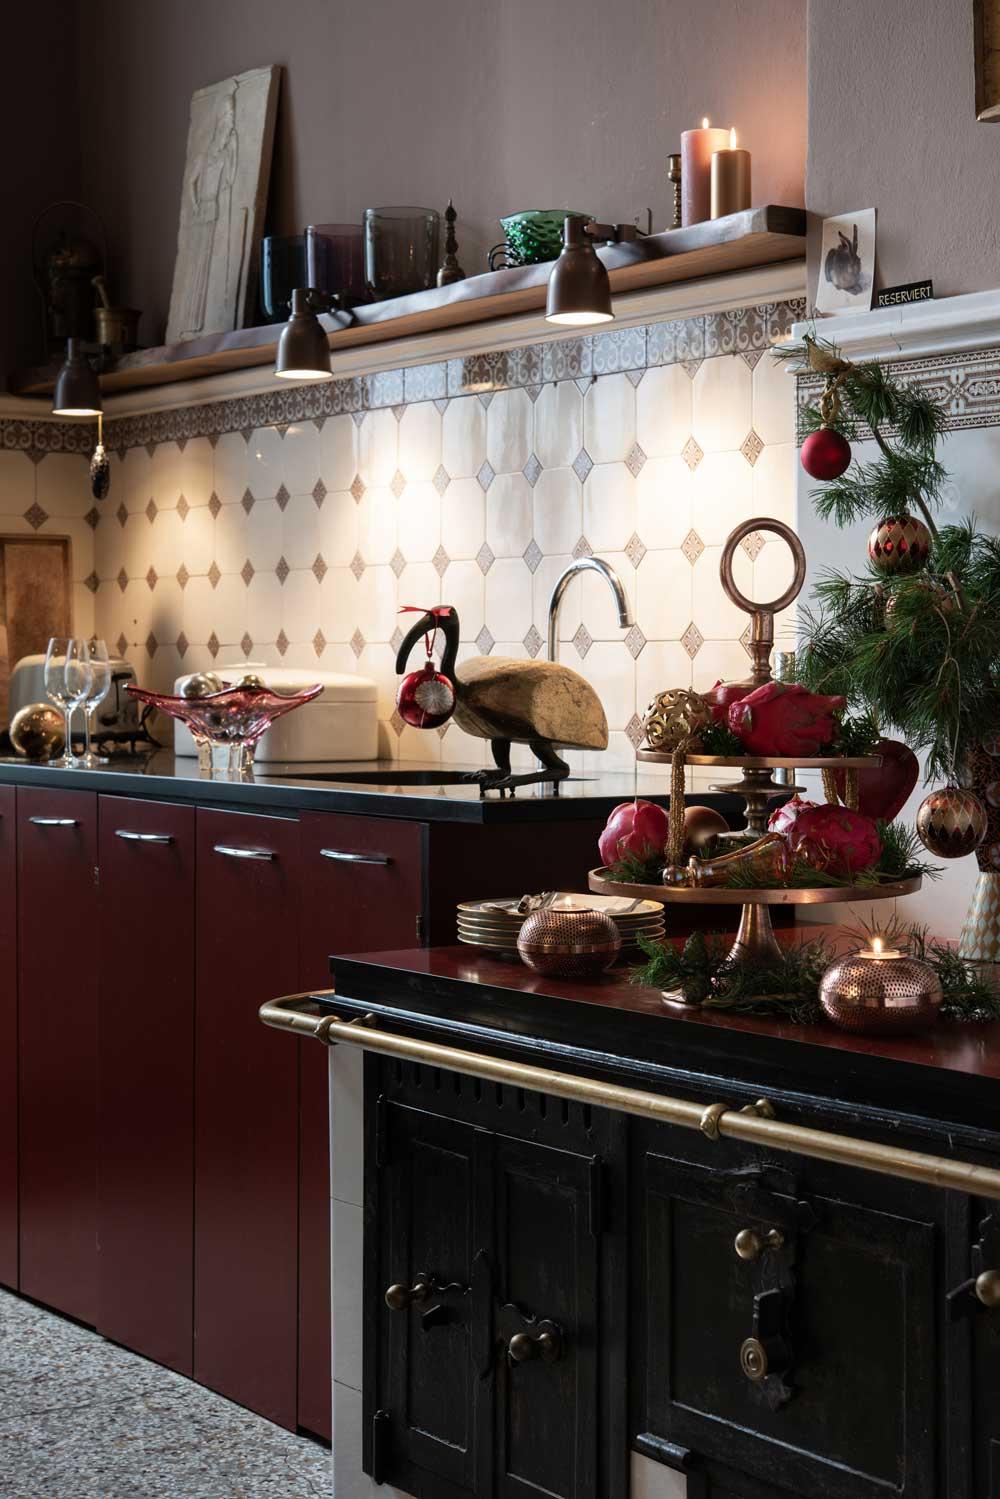 nachhaltige-weihnachtsdeko-wohnen-sabine-stelling-hamburg-mirjam-fruscella-kueche-decohome.de_